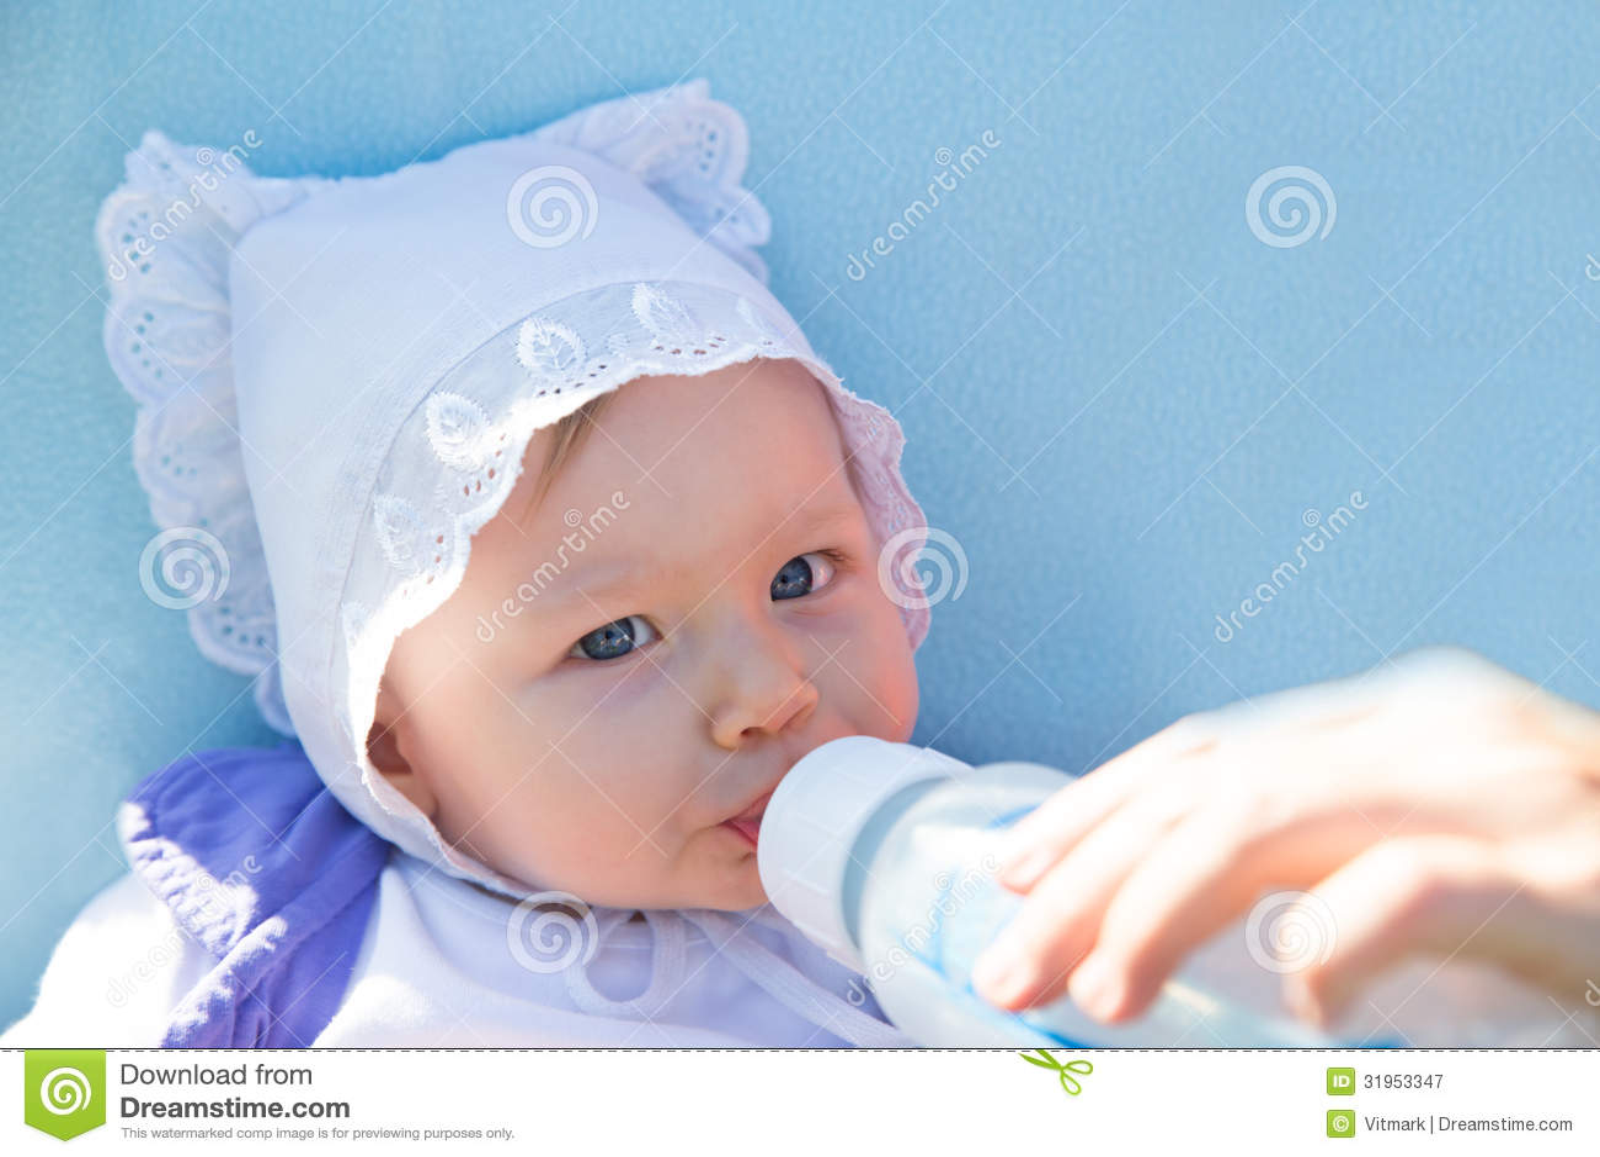 有婴儿惯例的可爱的儿童女孩在瓶饮用奶